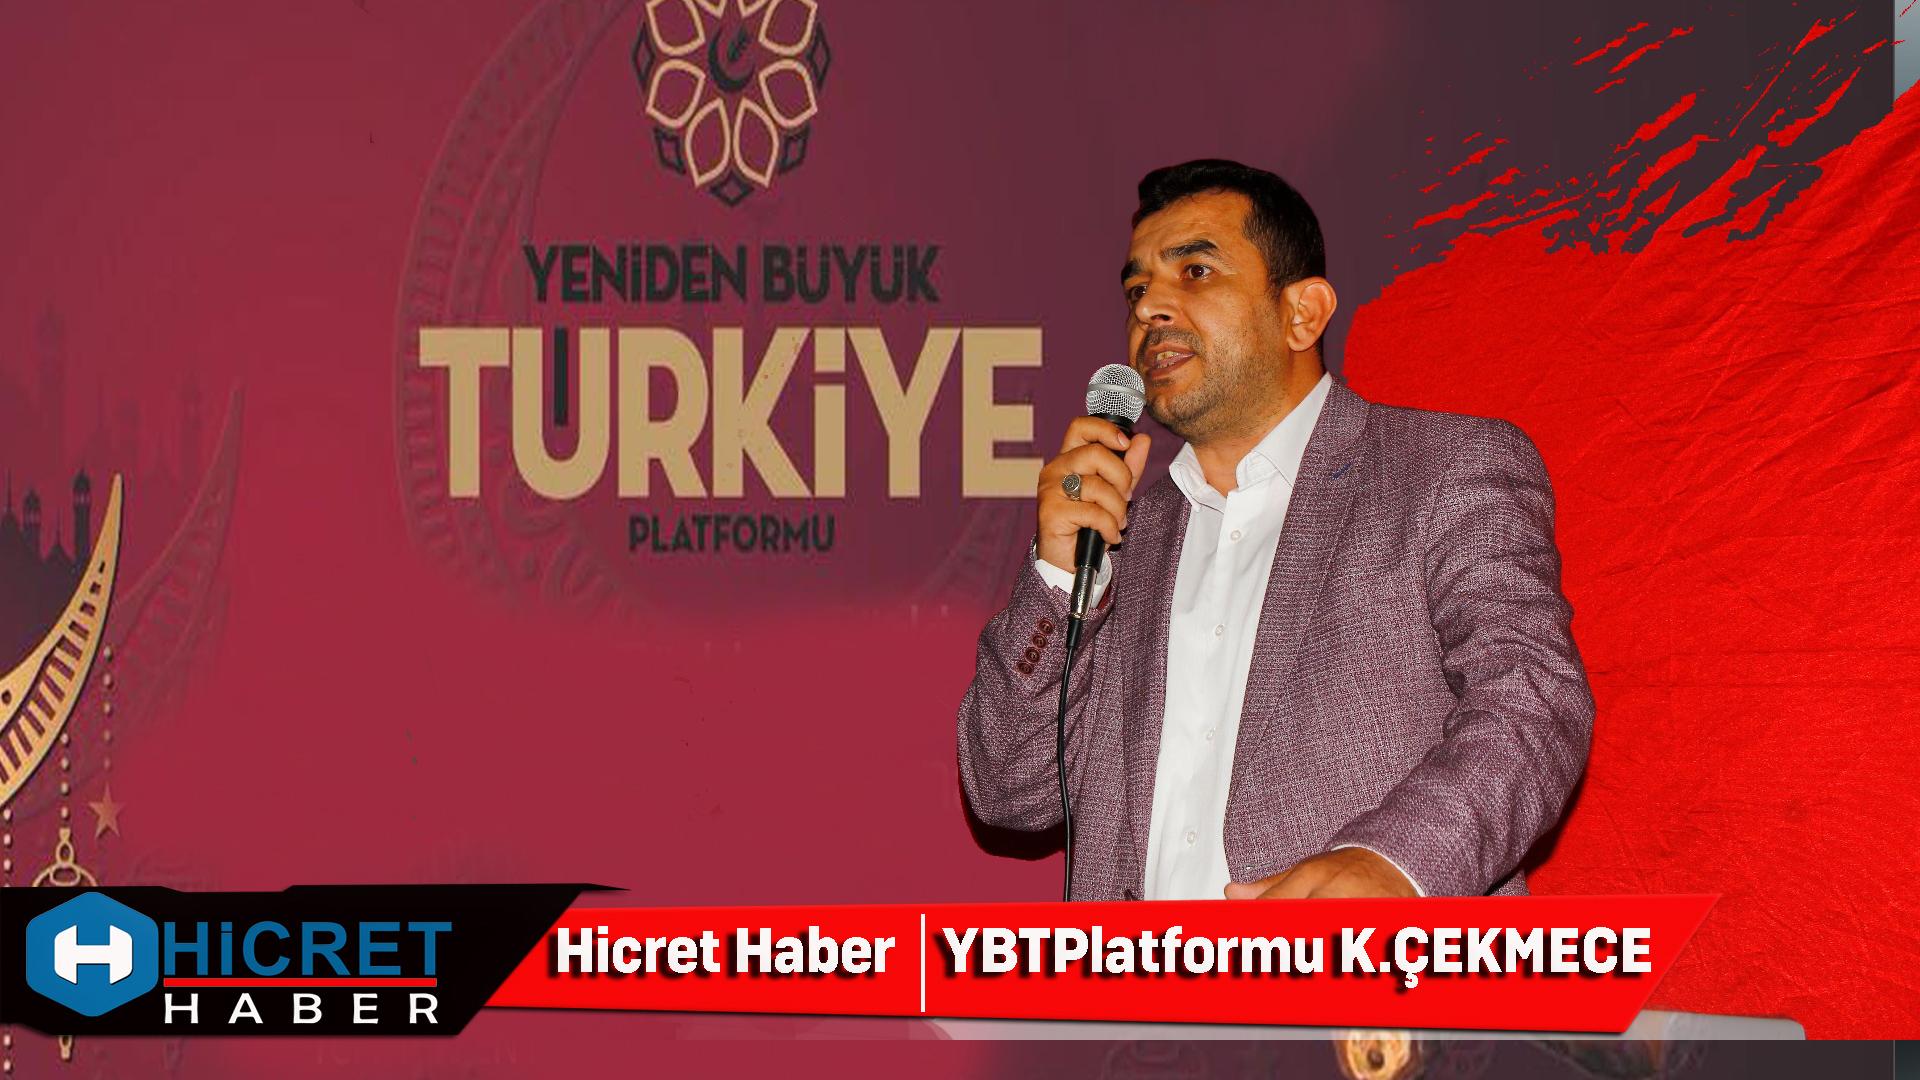 Büyük Türkiye  Platformu Küçükçekmece'de İftar'da Buluştu